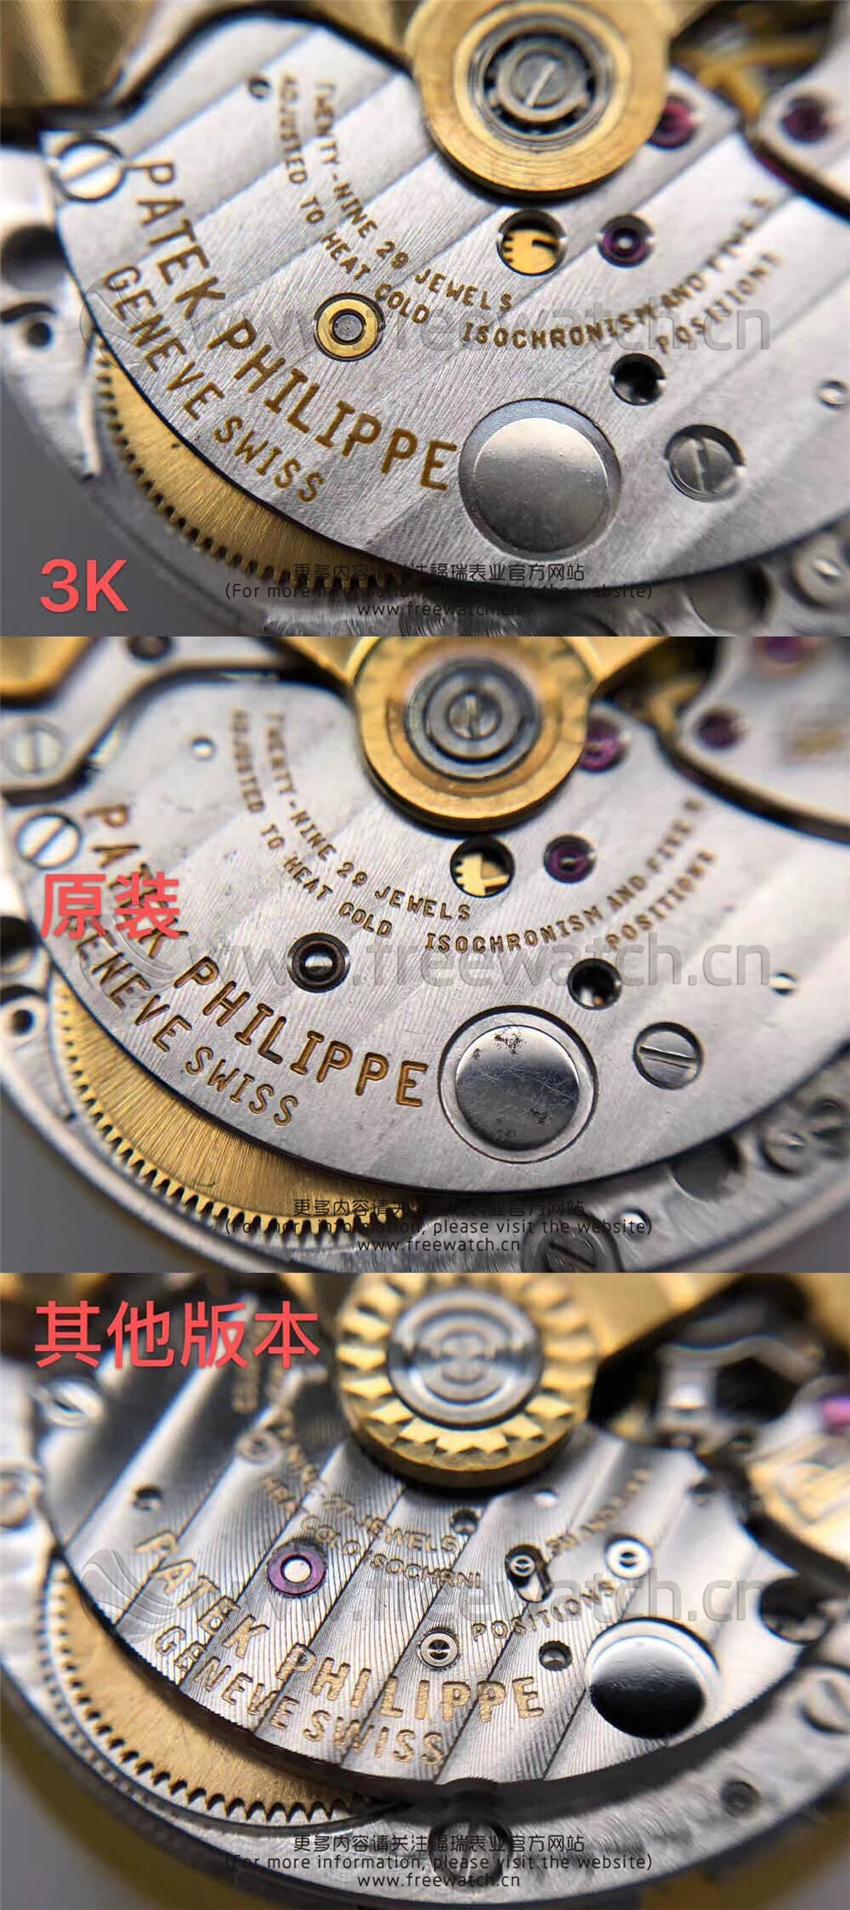 3K厂百达翡丽手雷与正品对比评测和其它版本差别在哪-第17张